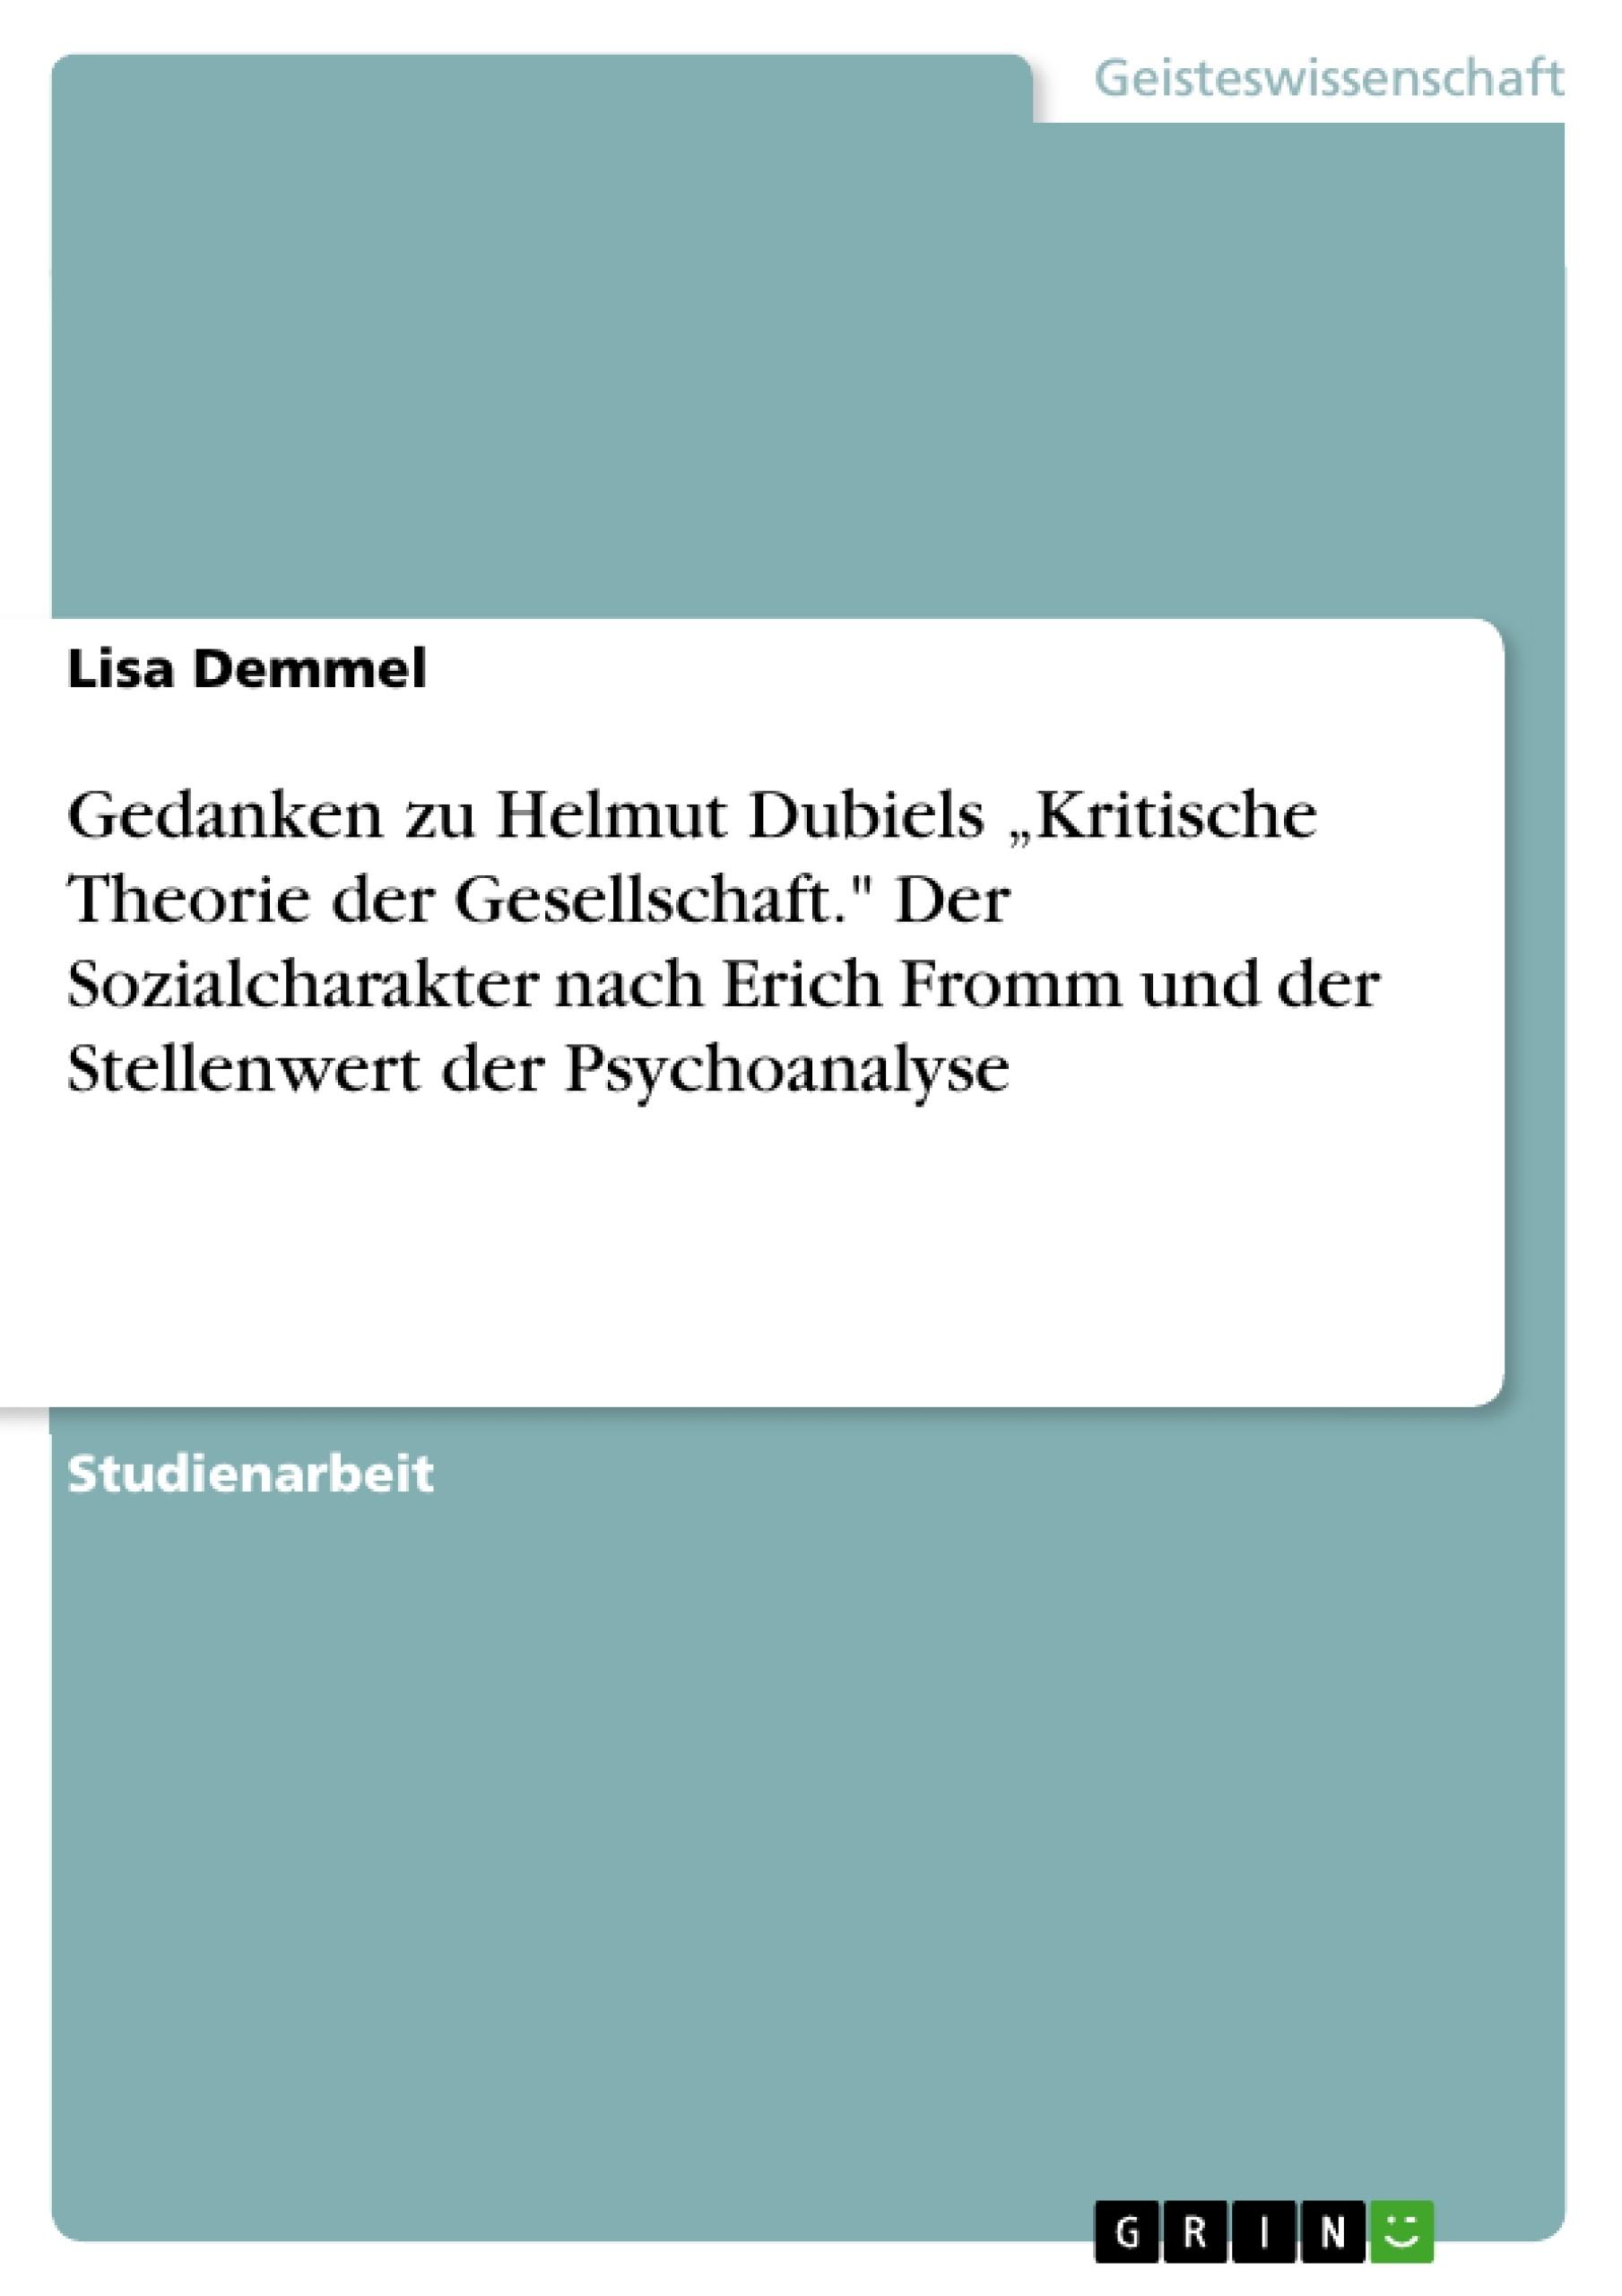 """Titel: Gedanken zu Helmut Dubiels """"Kritische Theorie der Gesellschaft."""" Der Sozialcharakter nach Erich Fromm und der Stellenwert der Psychoanalyse"""